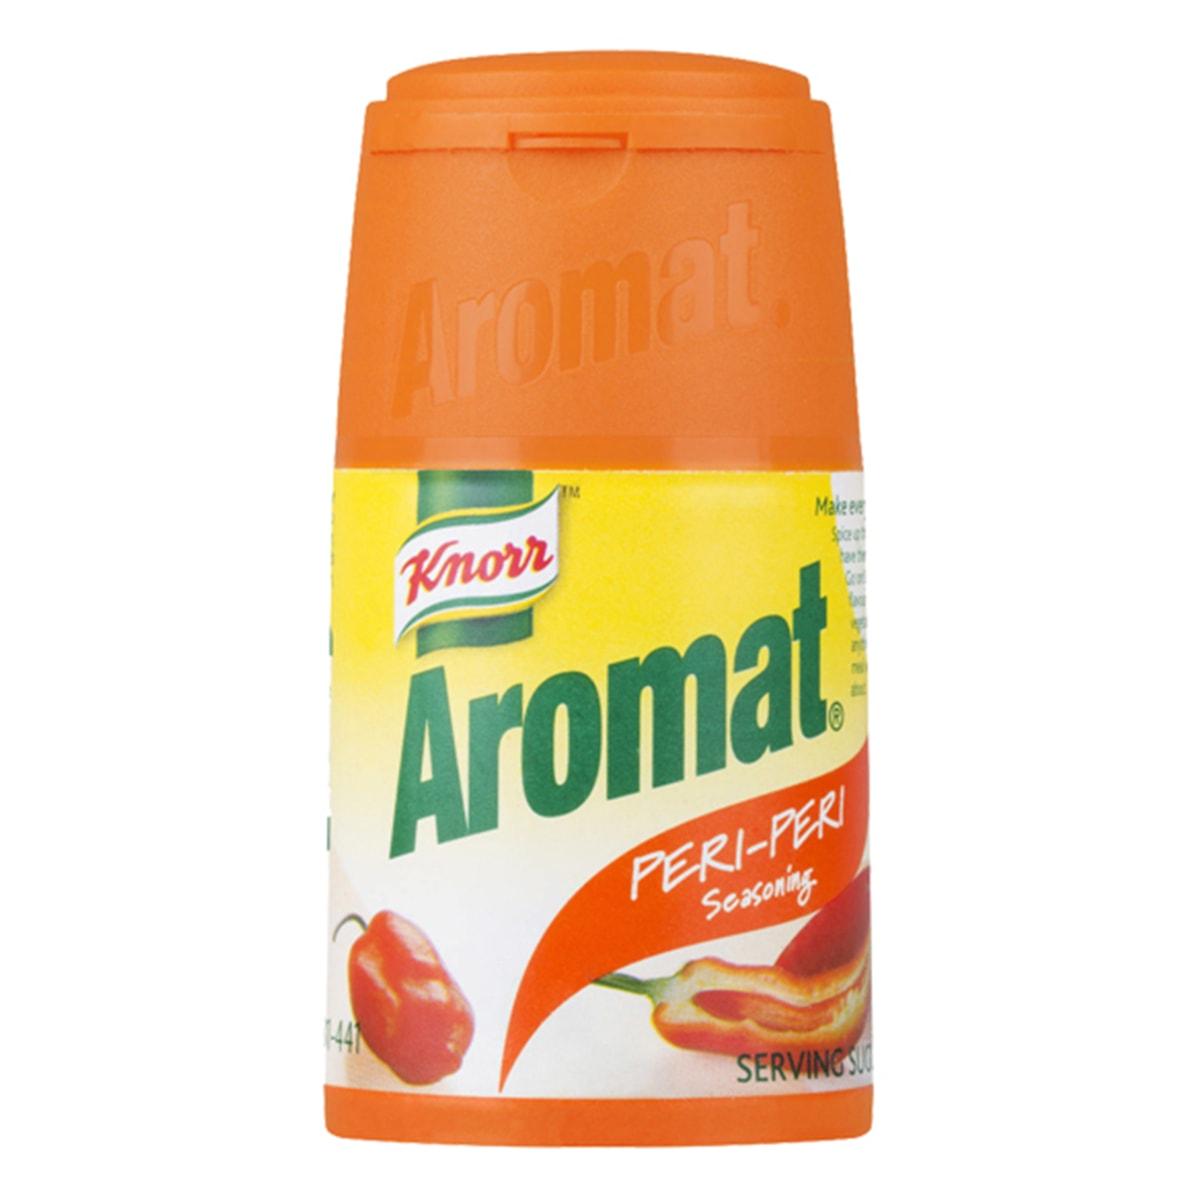 Buy Knorr Aromat Seasoning Peri Peri - 75 gm